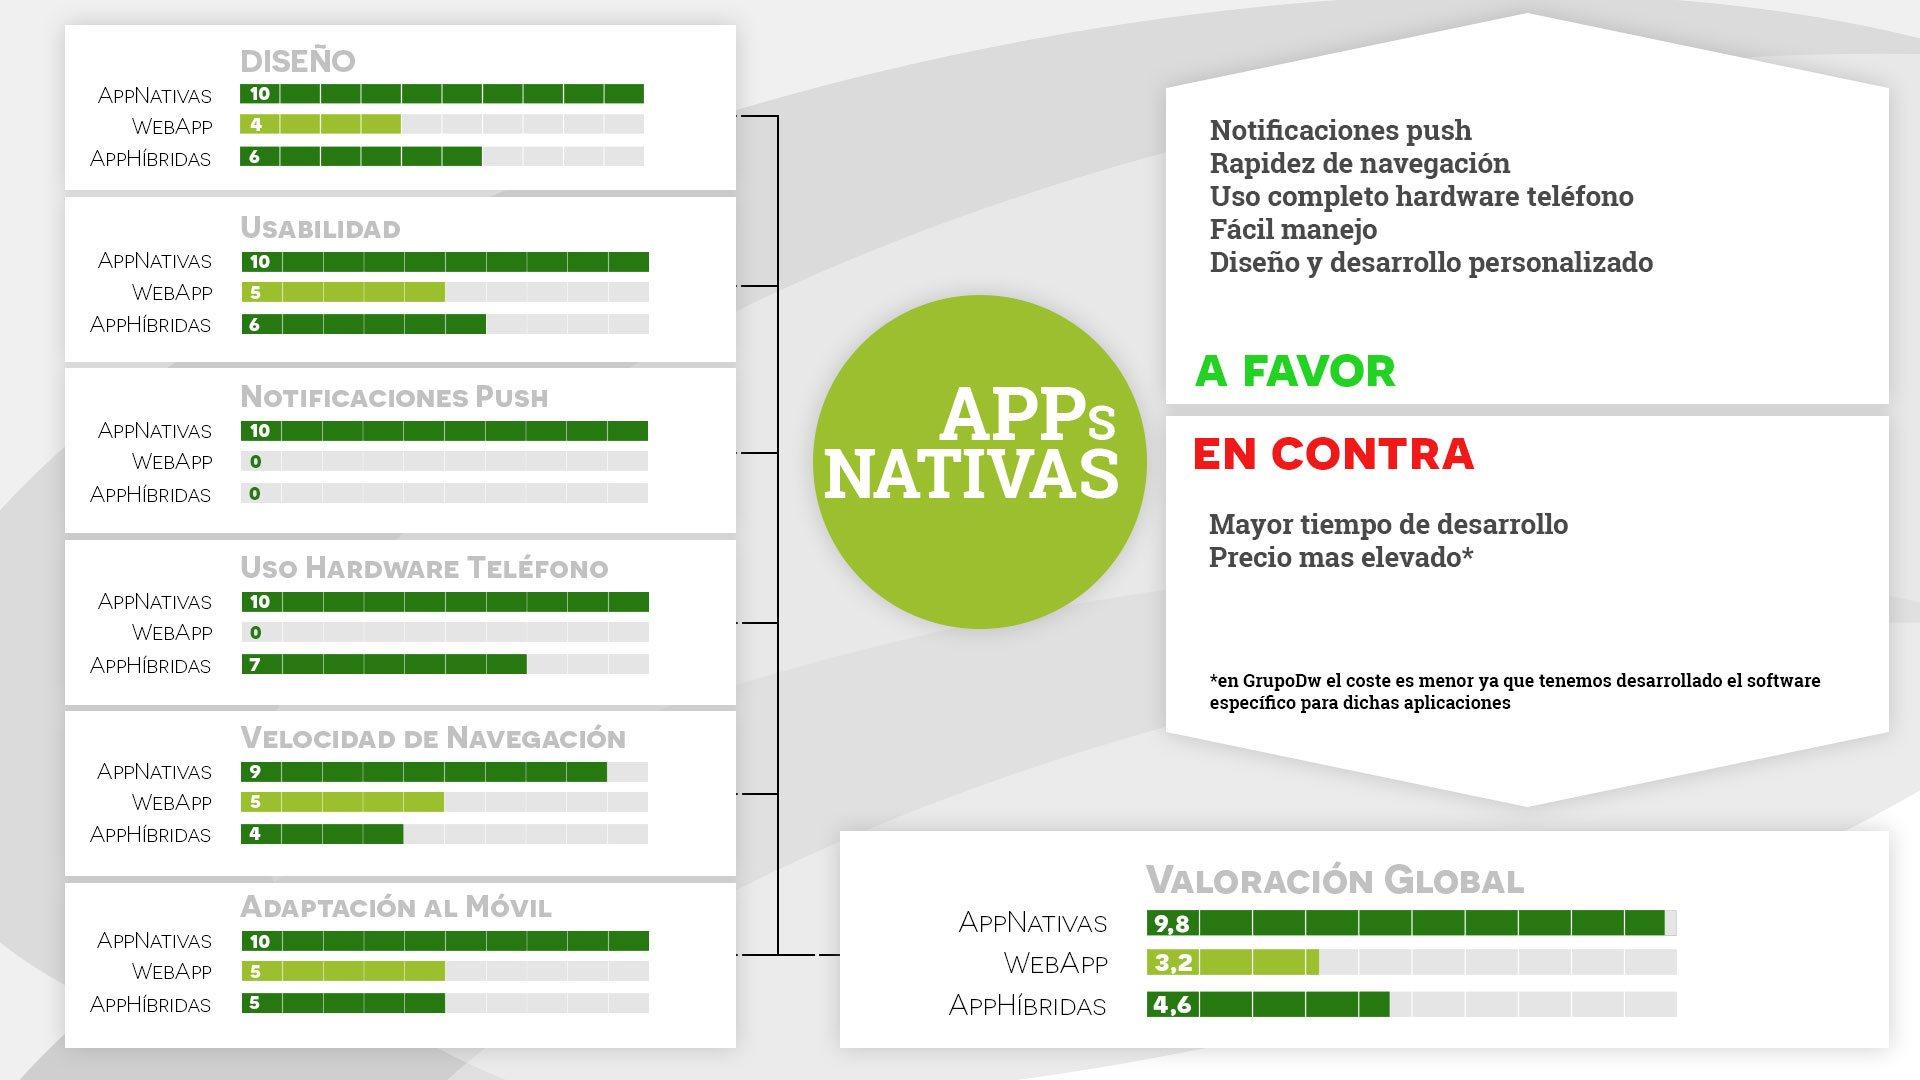 APPS-NATIVAS